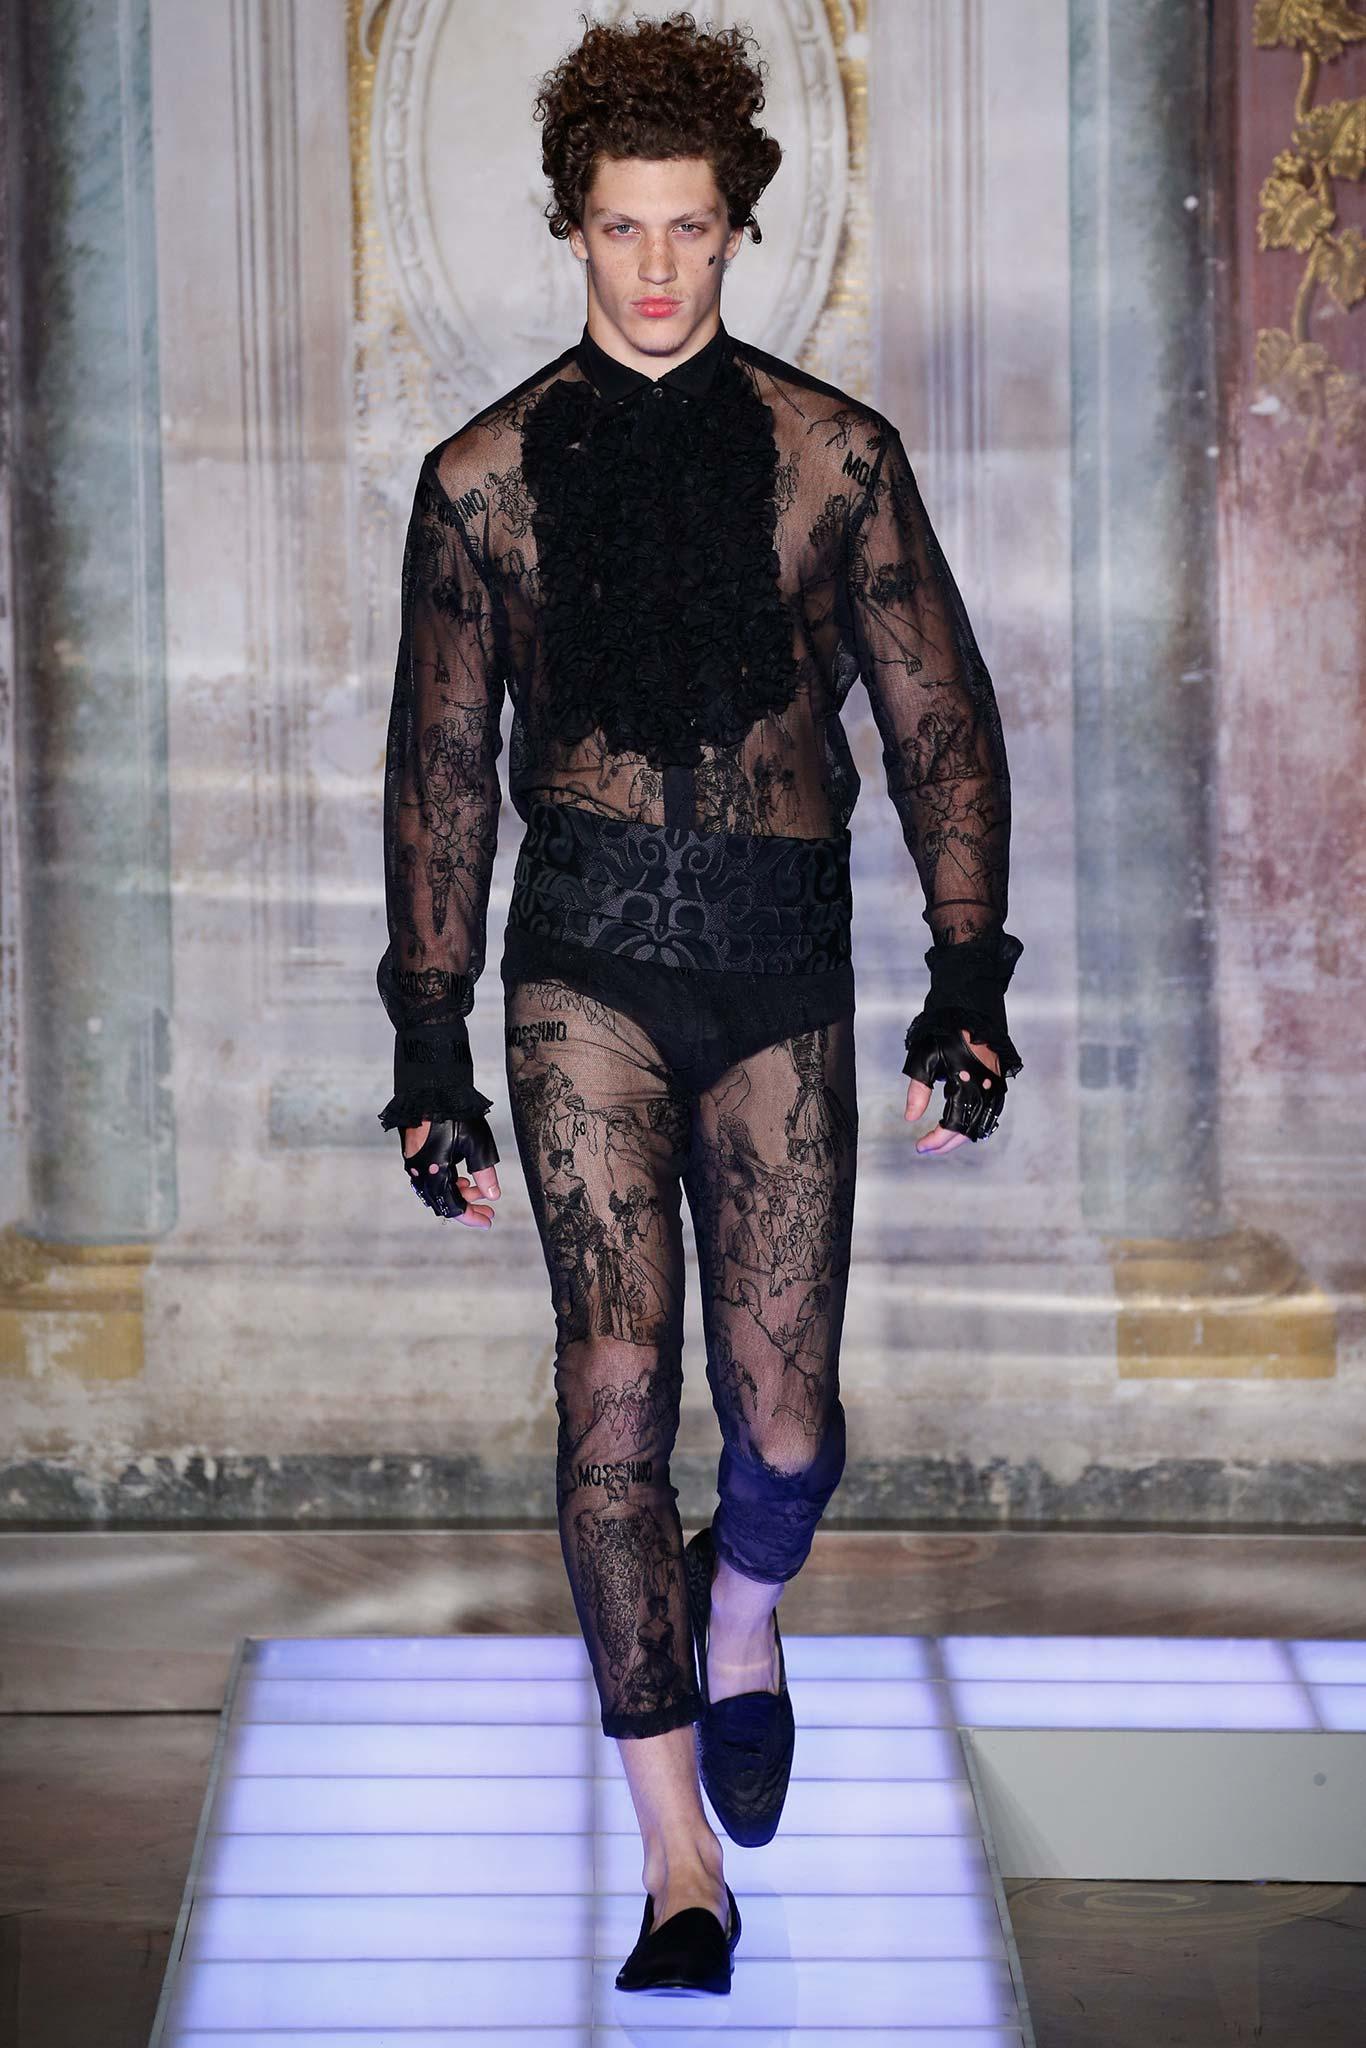 Moschino. Remélem, Lady Gaga majd felveszi egy fellépésre. Vagy amikor leszalad a közértbe :)